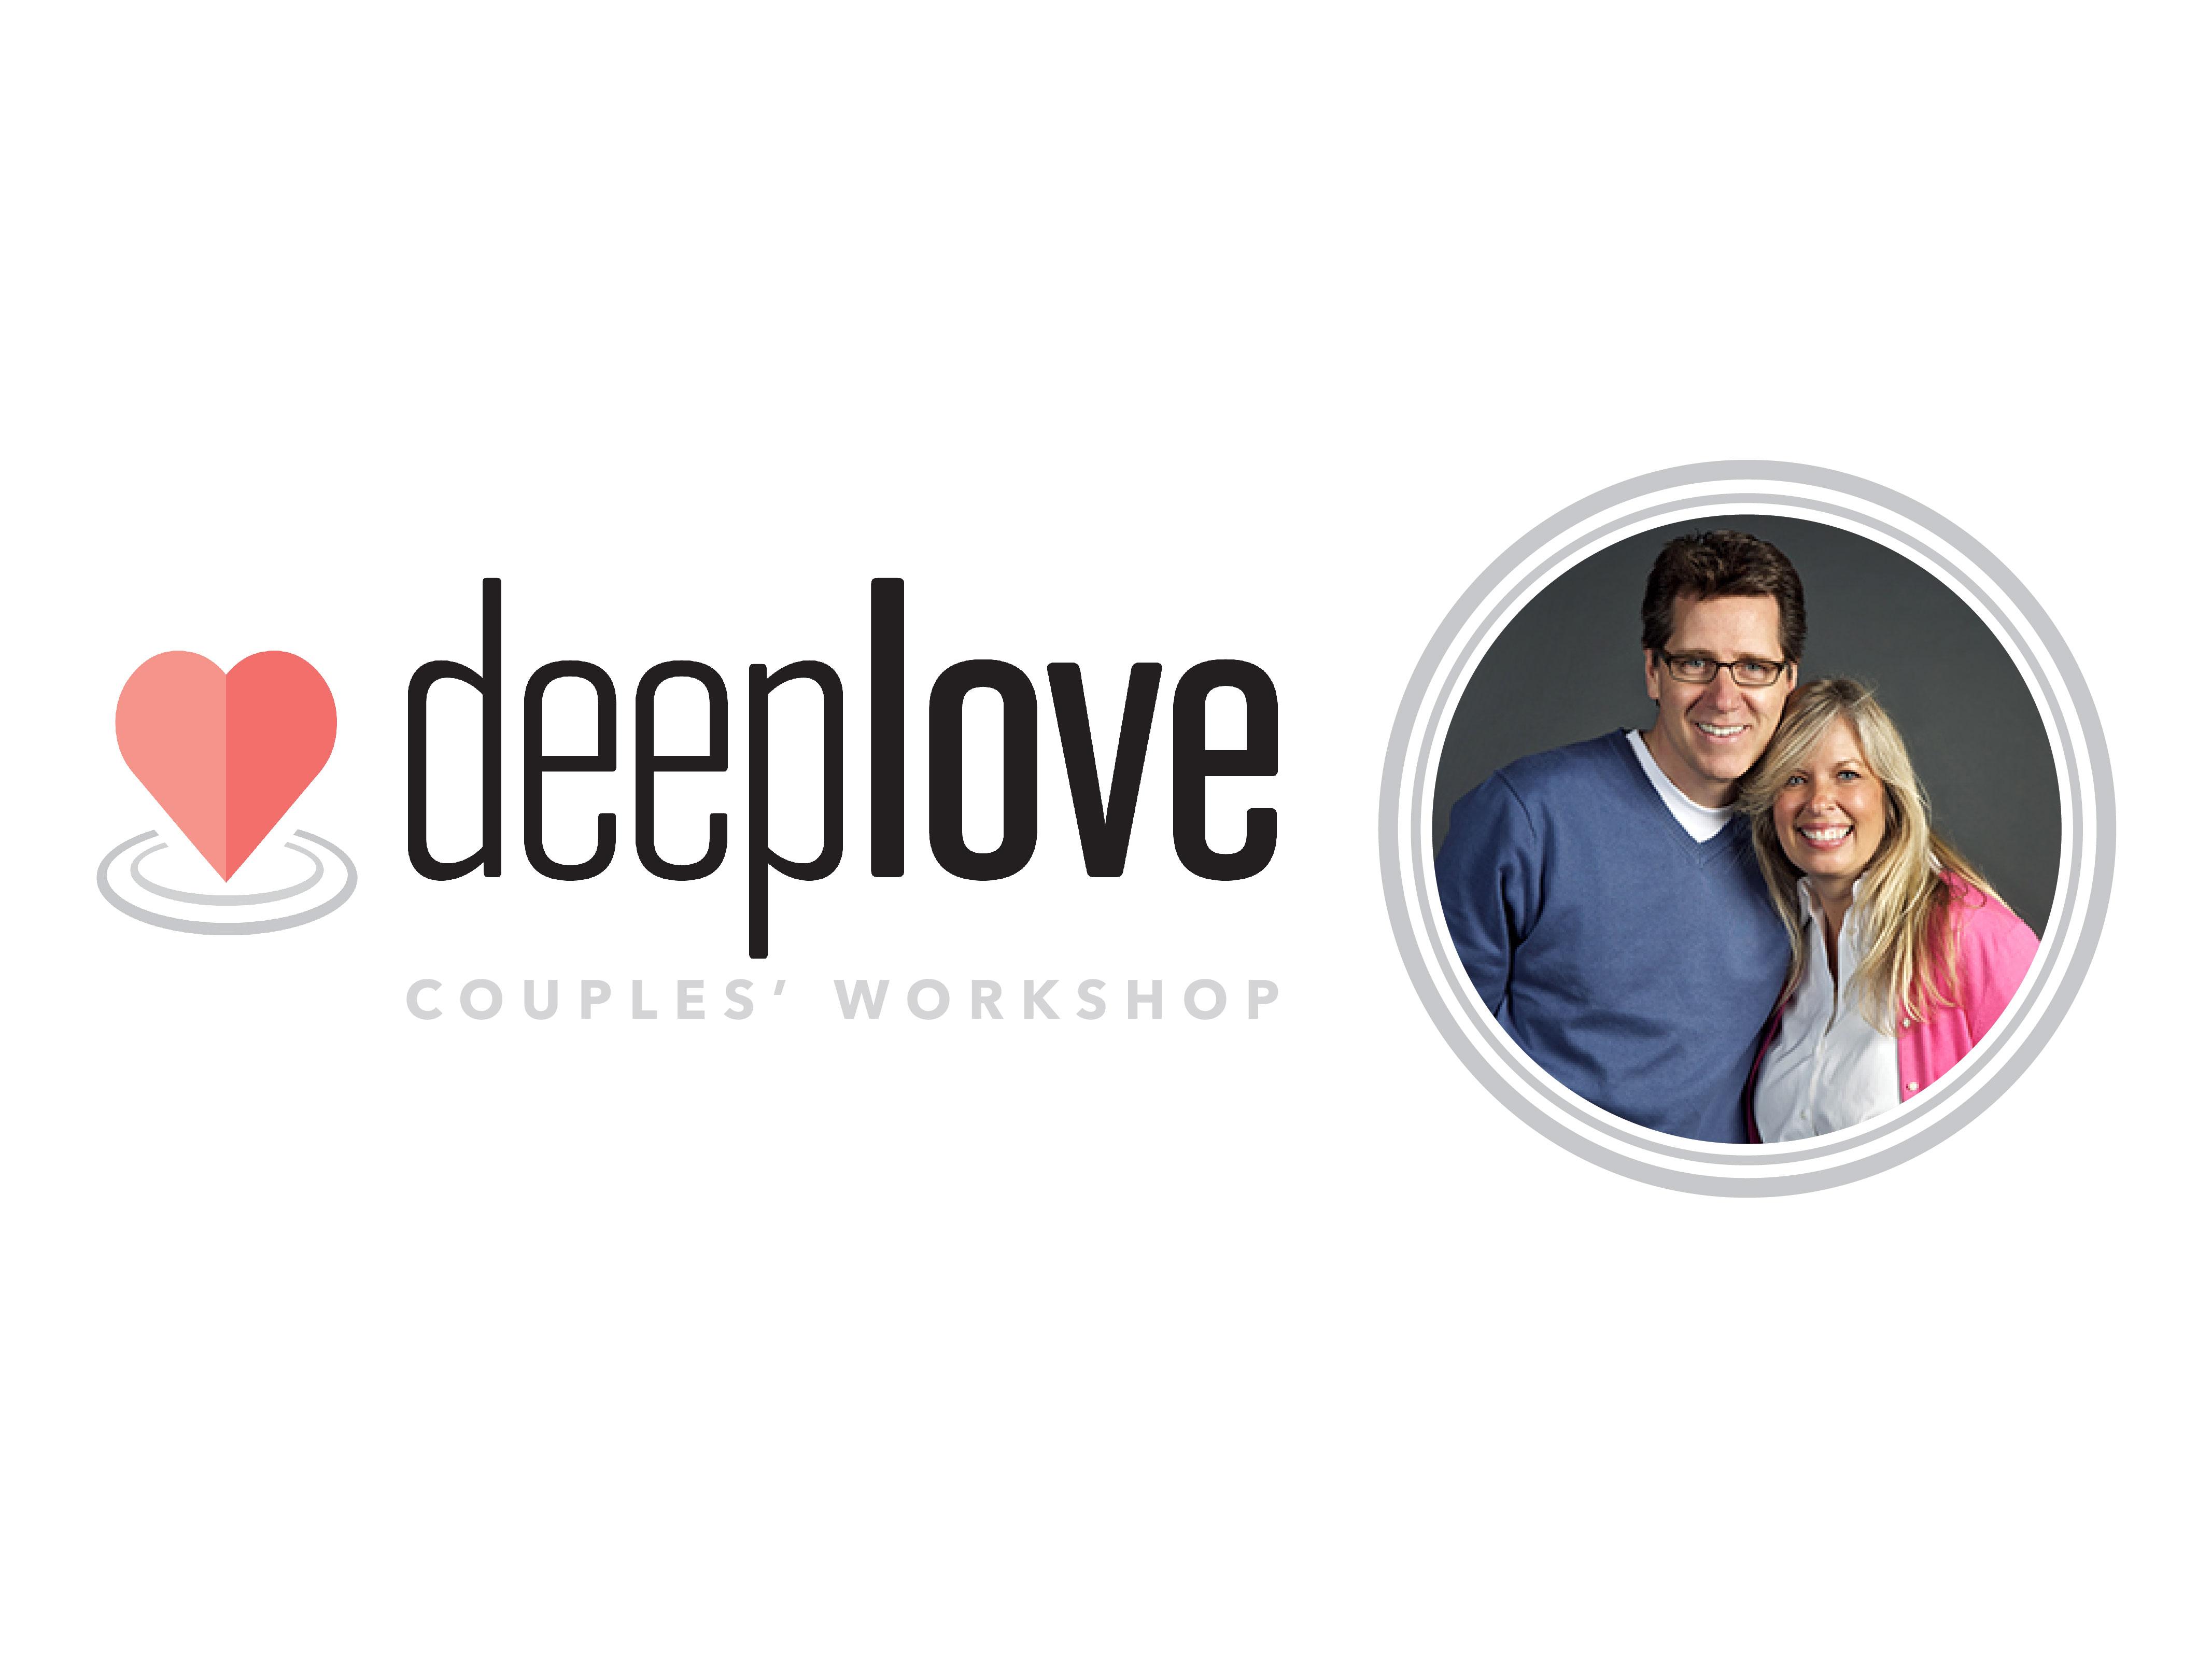 Deeplovepco